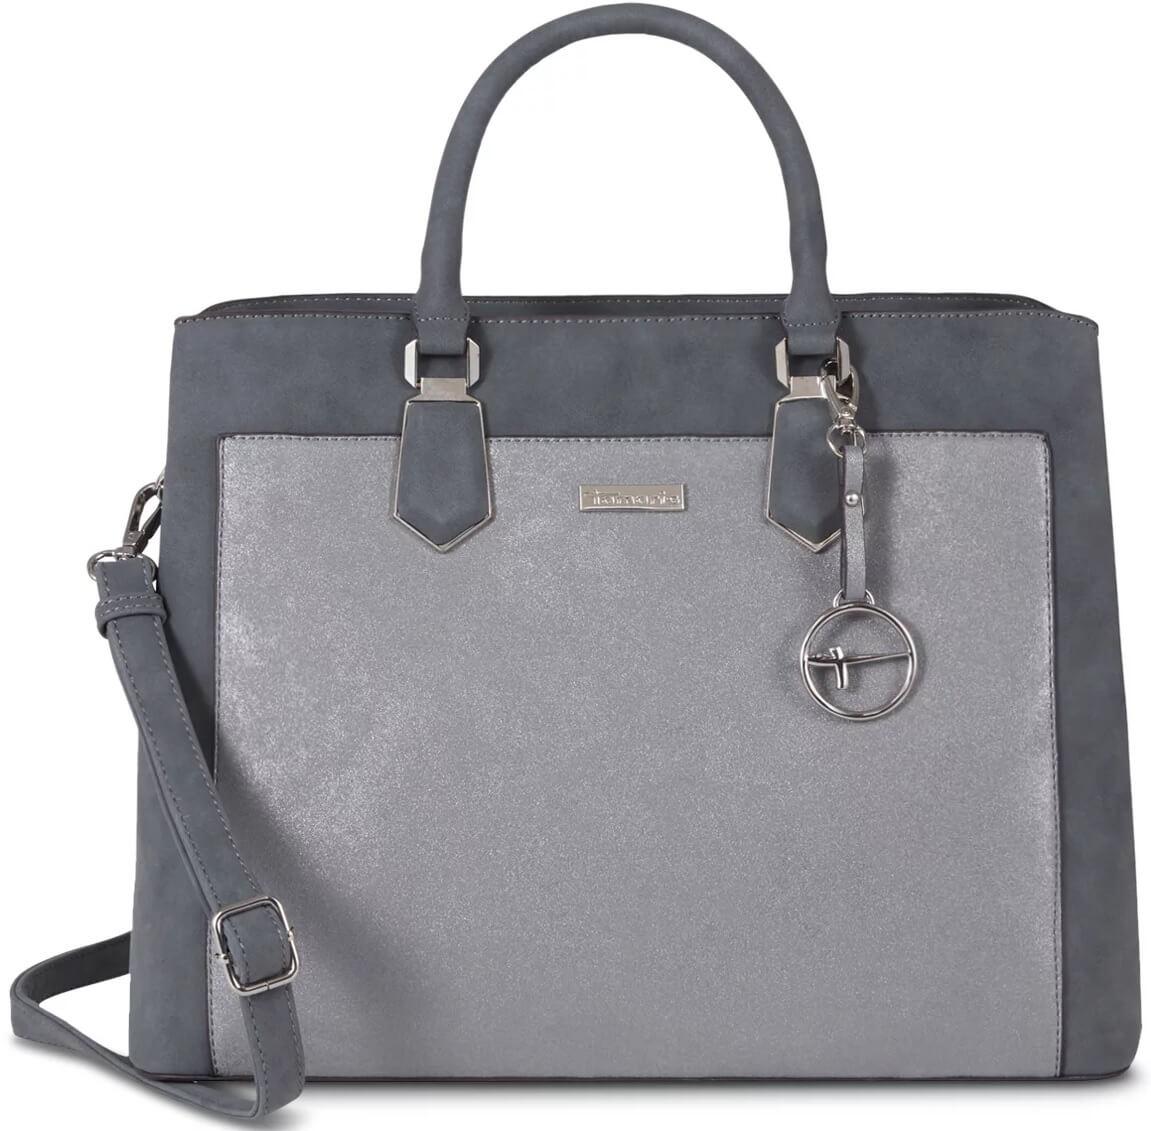 Tamaris Dámská kabelka Elsa Business Bag 2812182-295 Grey Comb ... 6cfb39559a7